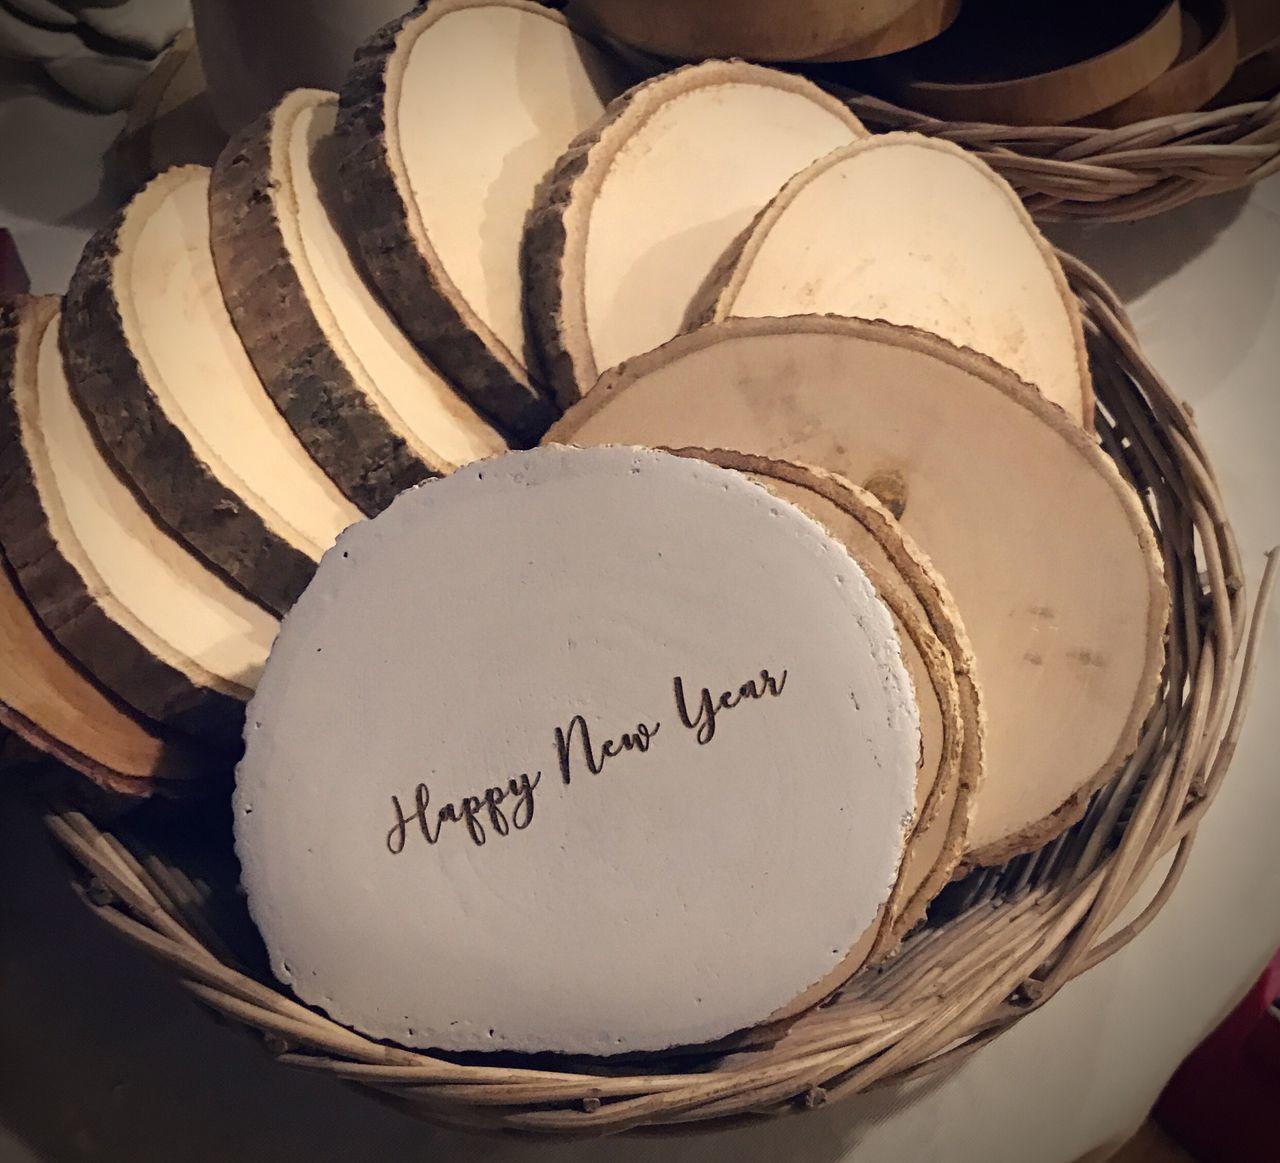 ของประดิษฐ์ Handmade Communication Happy New Year Happy New Year Happy New Year! Happy Time Happy New Year!!! Happy New Year 2017 Happy New Year's Eve Happy New Years Eve HAPPY NEW YEAR ! Happy New Year Everyone Wood - Material